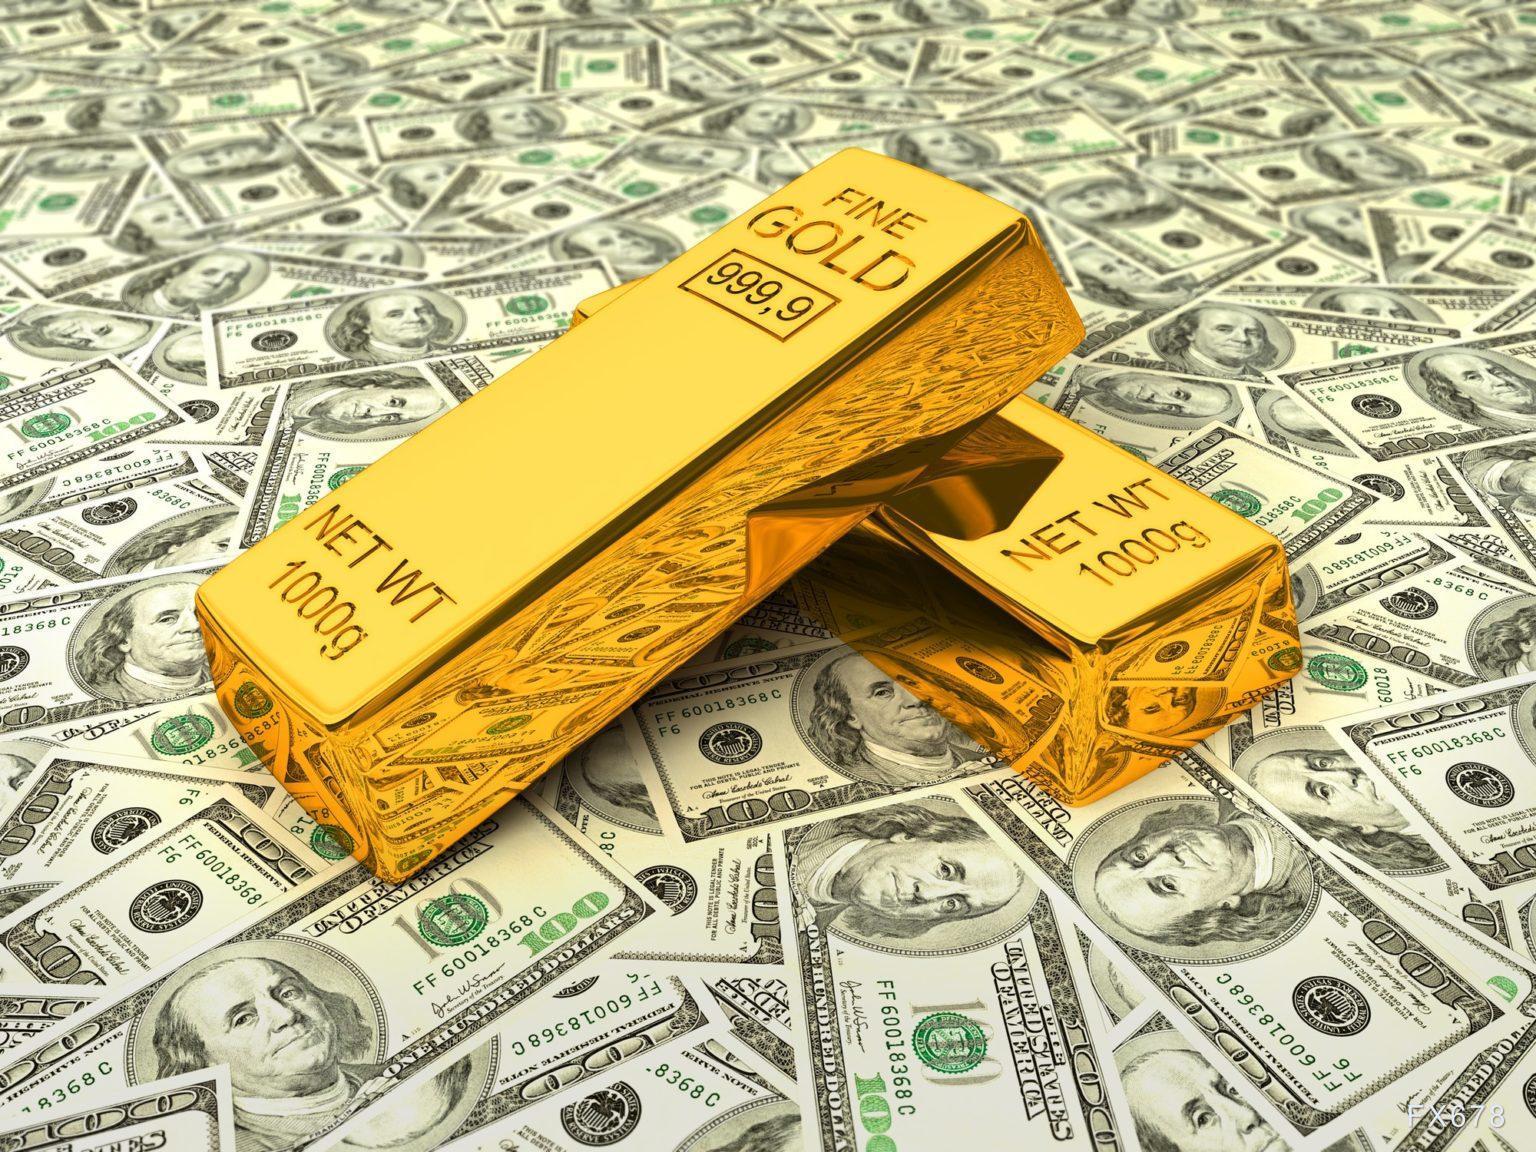 9月13日黄金交易策略:金价继续弱势运行,激进者可考虑做空